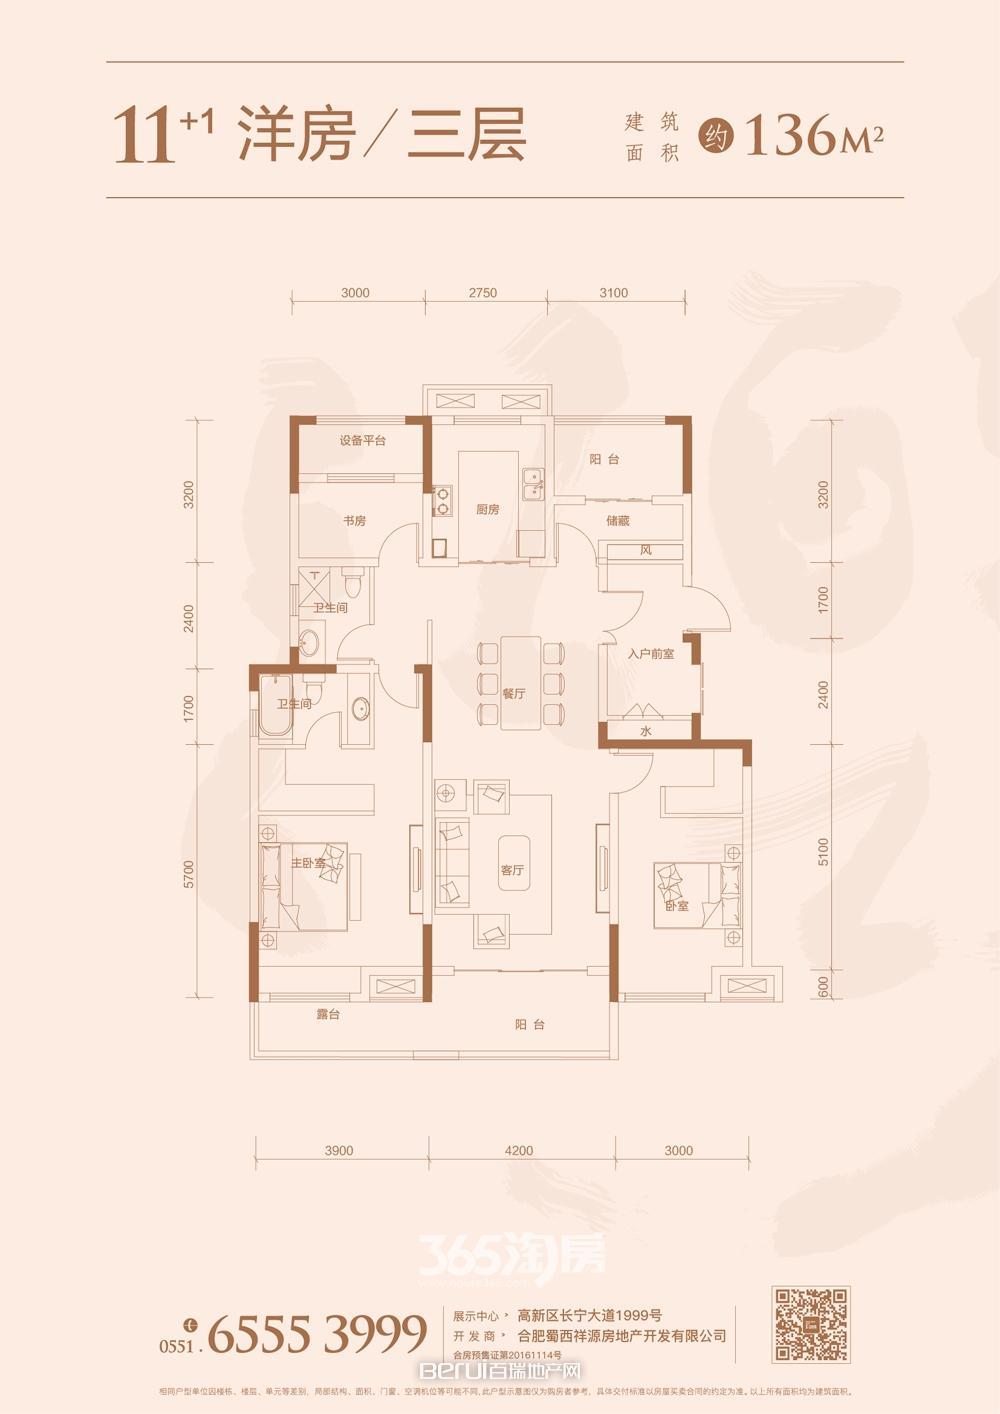 祥源金港湾 11+1洋房 三层 136平户型